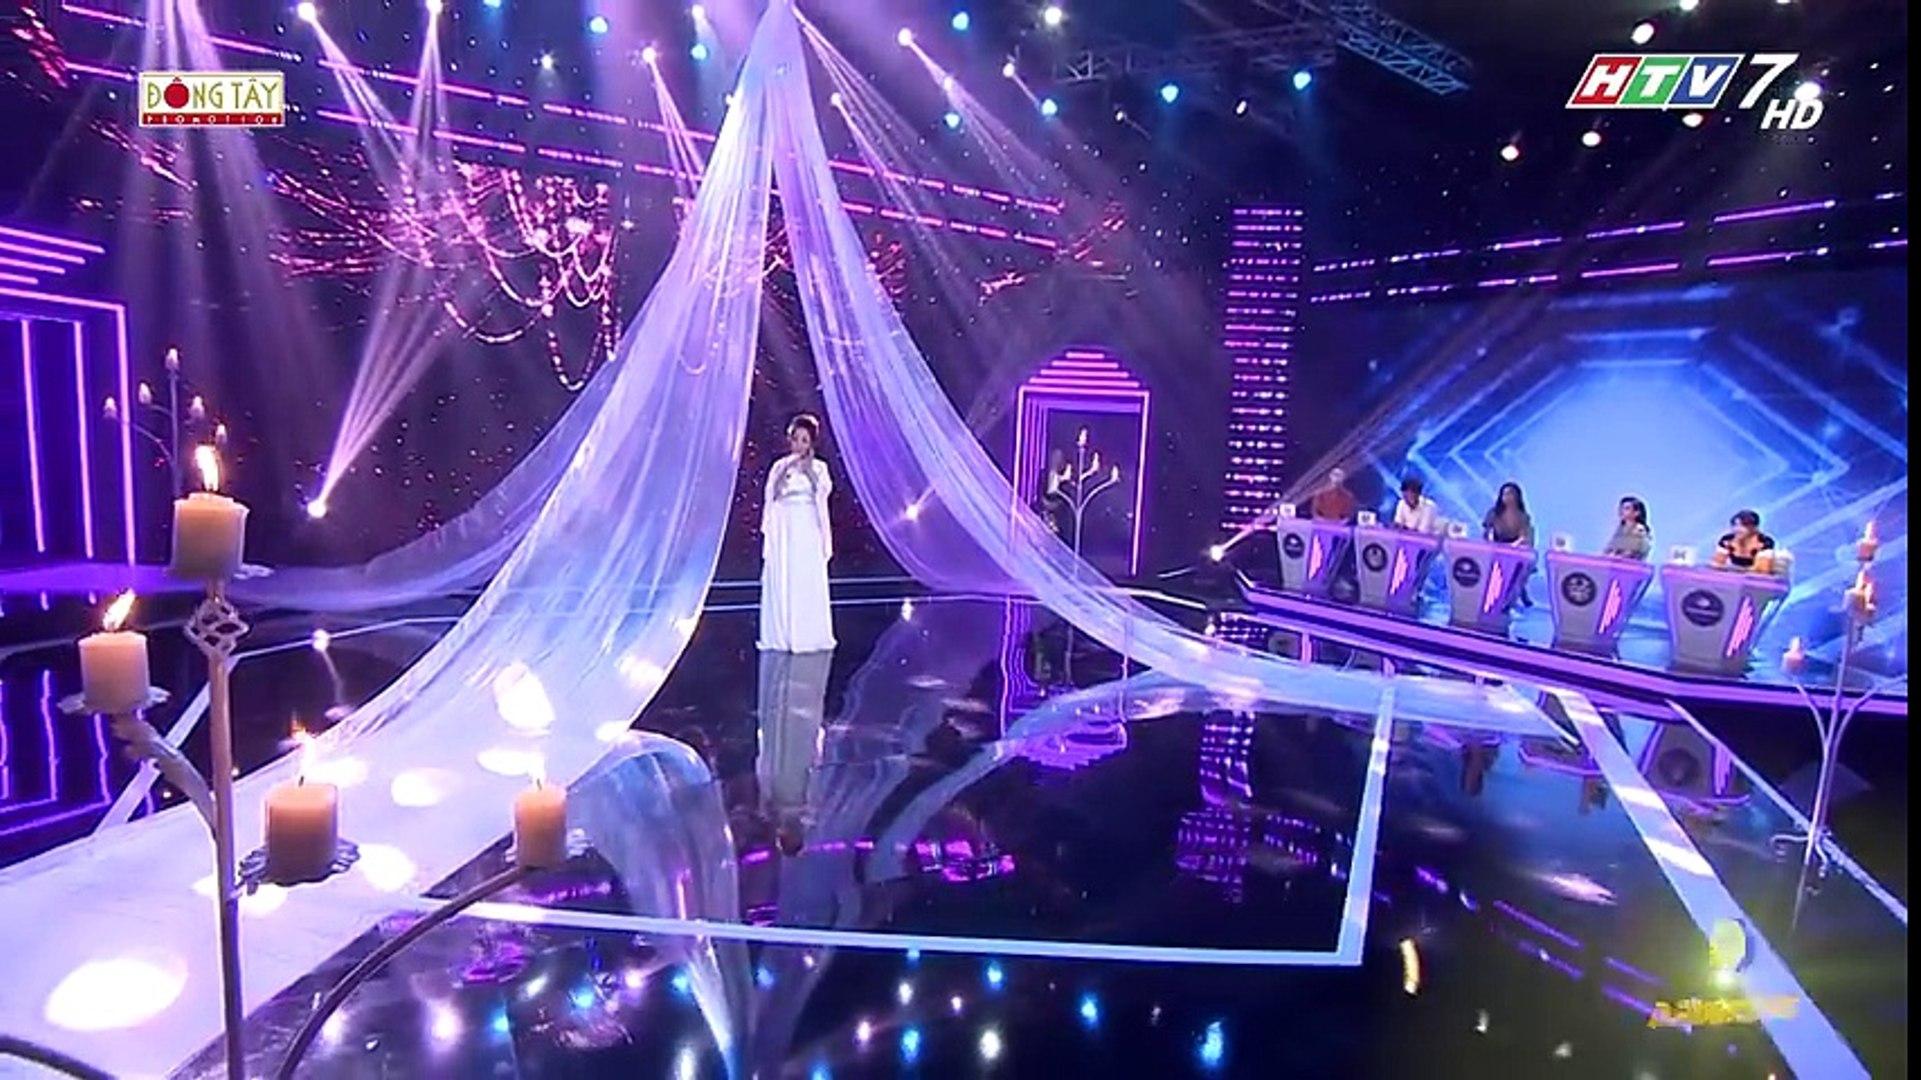 Giọng Ca Bí Ẩn Tập 3 _Phần 2_Nam Thư, Hải Triều, Trấn Thành, Hari Won trổ tài đối thơ -bá đạo